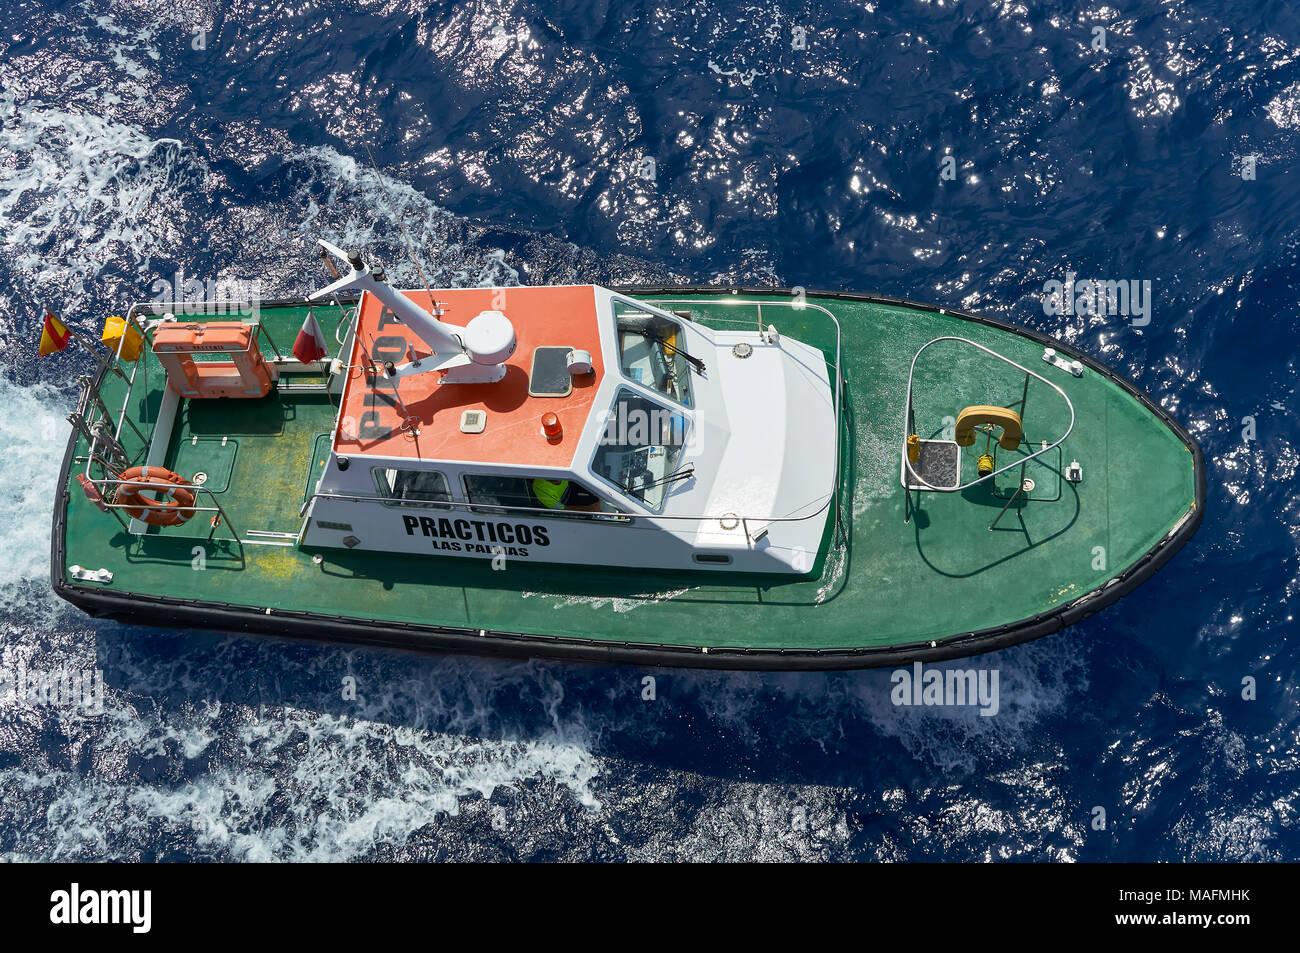 Der spanische Pilot Boot Begleitung eine seismische Schiff in den Hafen von Las Palmas auf den Kanarischen Inseln, nachdem sie den spanischen Piloten. Stockbild